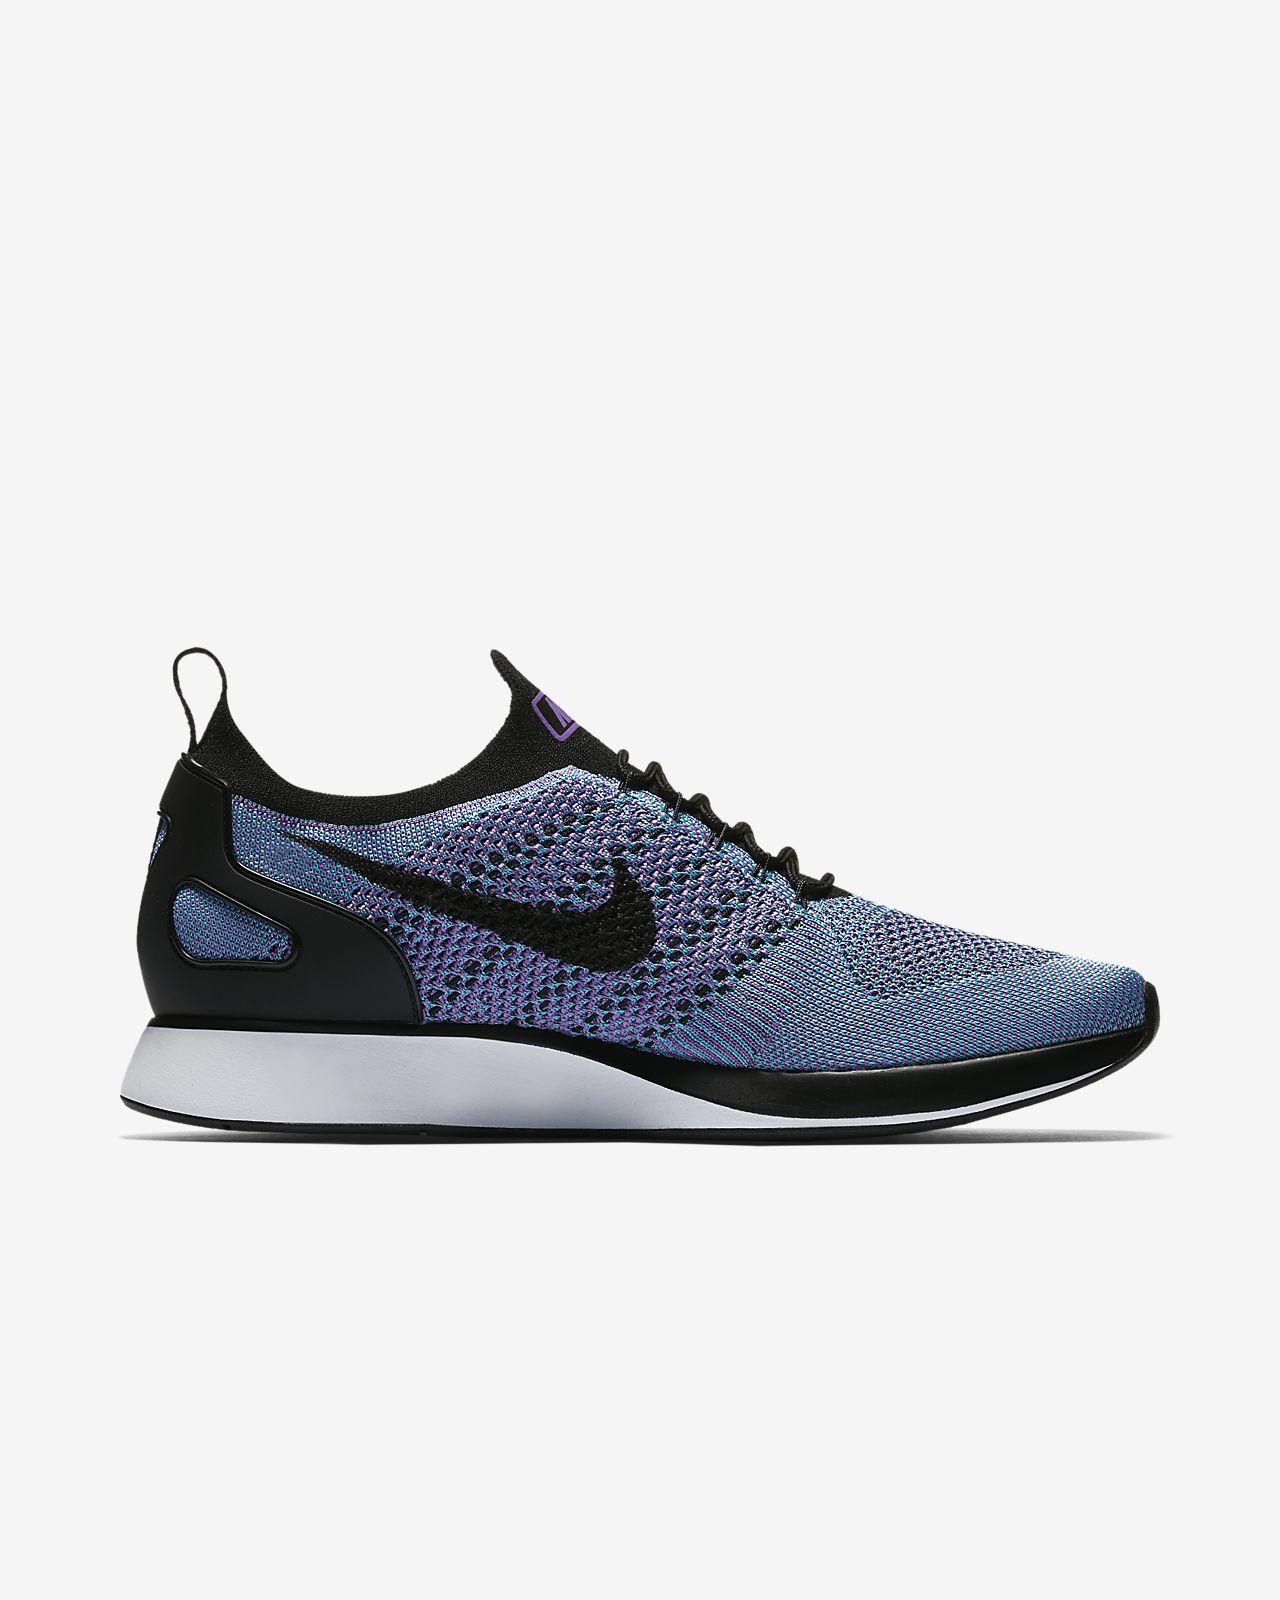 ... Nike Air Zoom Mariah Flyknit Racer Herrenschuh